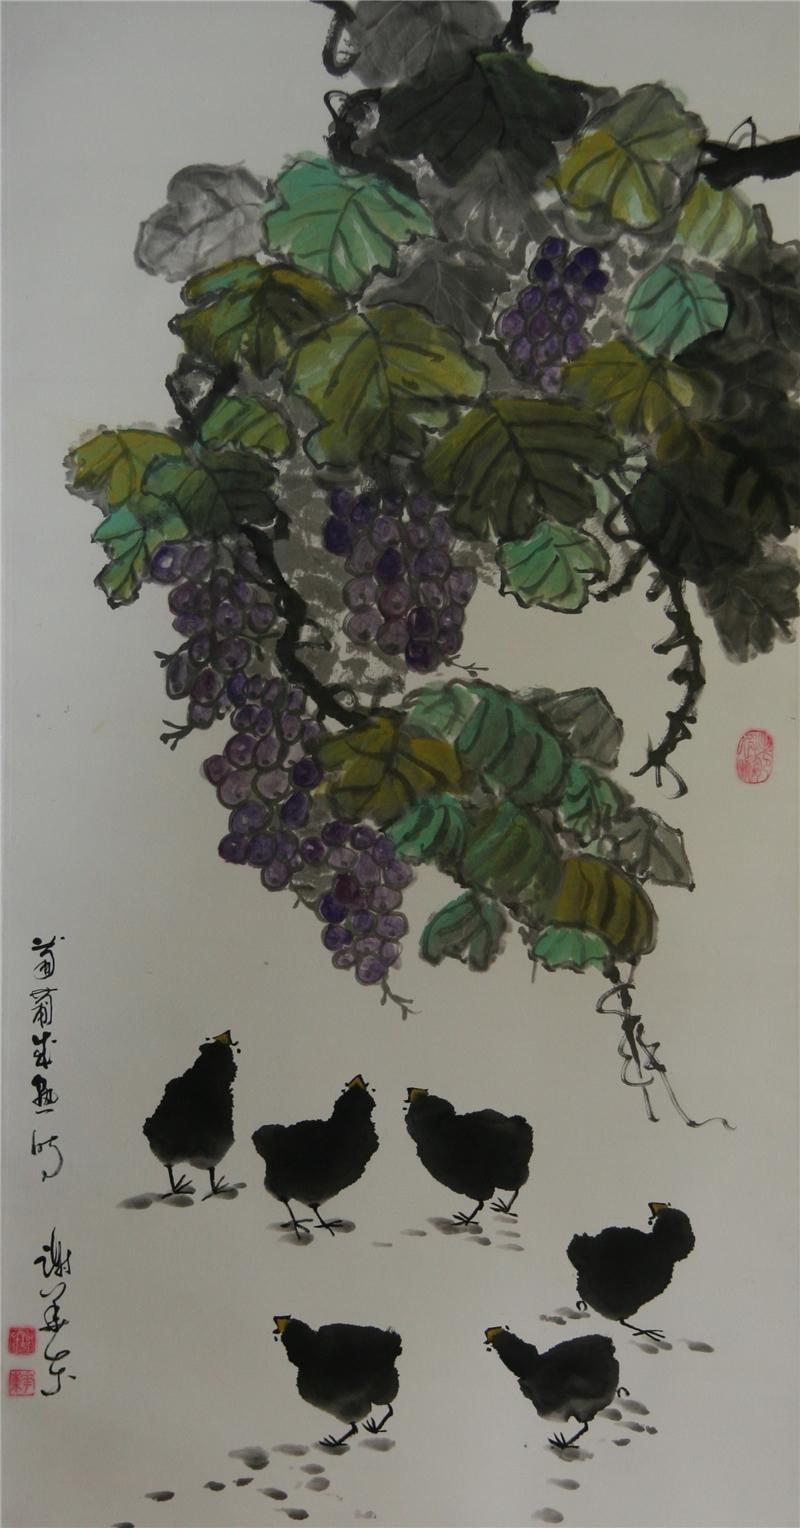 謝華東作品68*136  2021紙本設色 葡萄成熟時